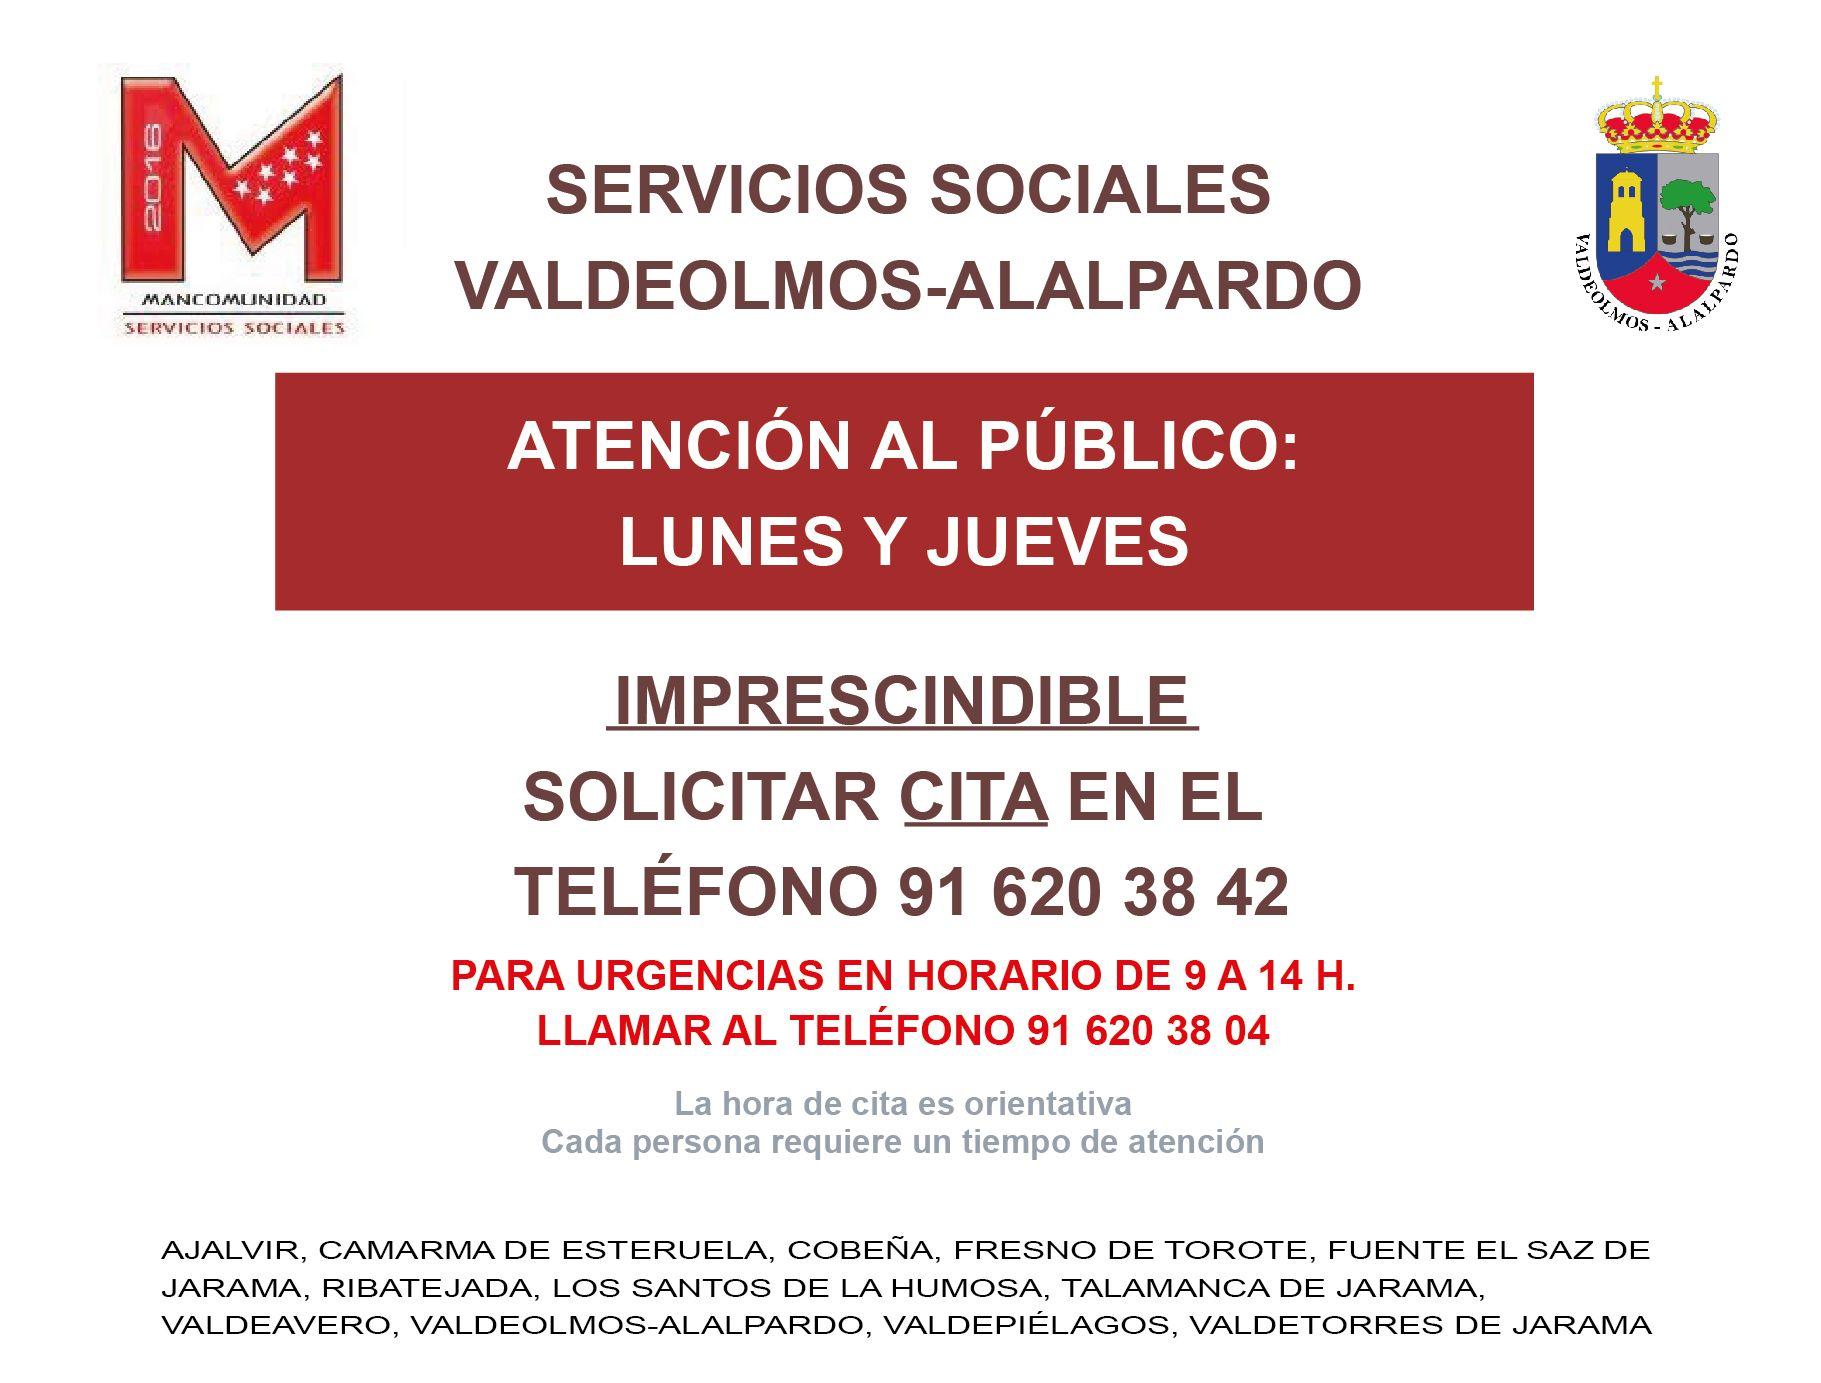 Servicios Sociales